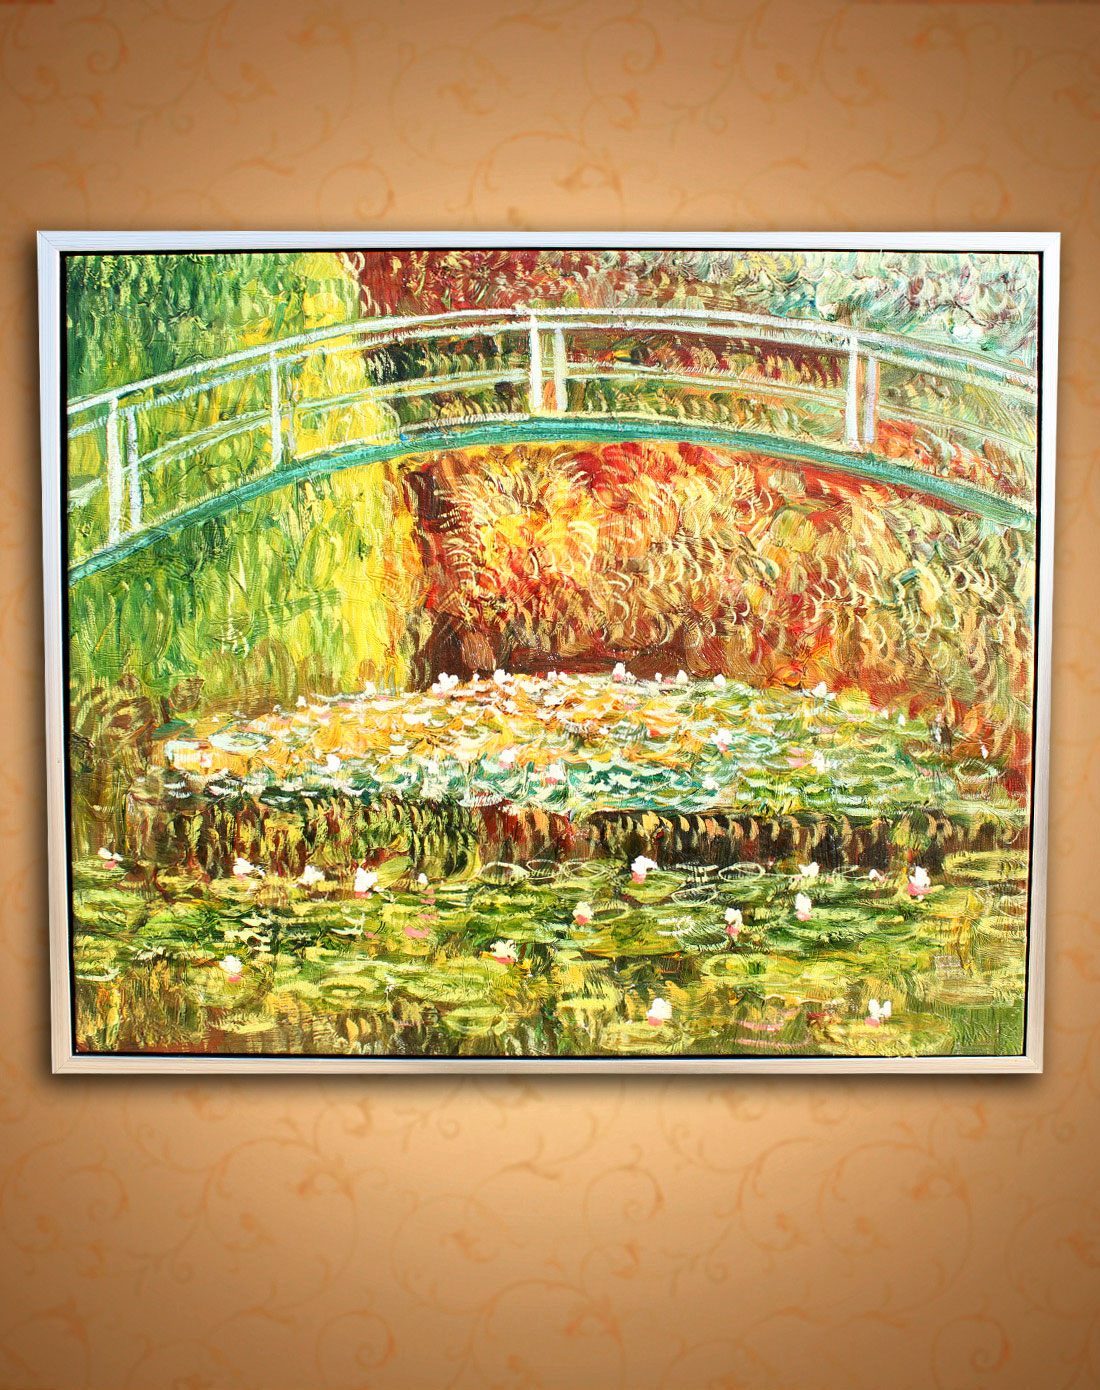 莫奈·睡莲-纯手绘油画(单幅)